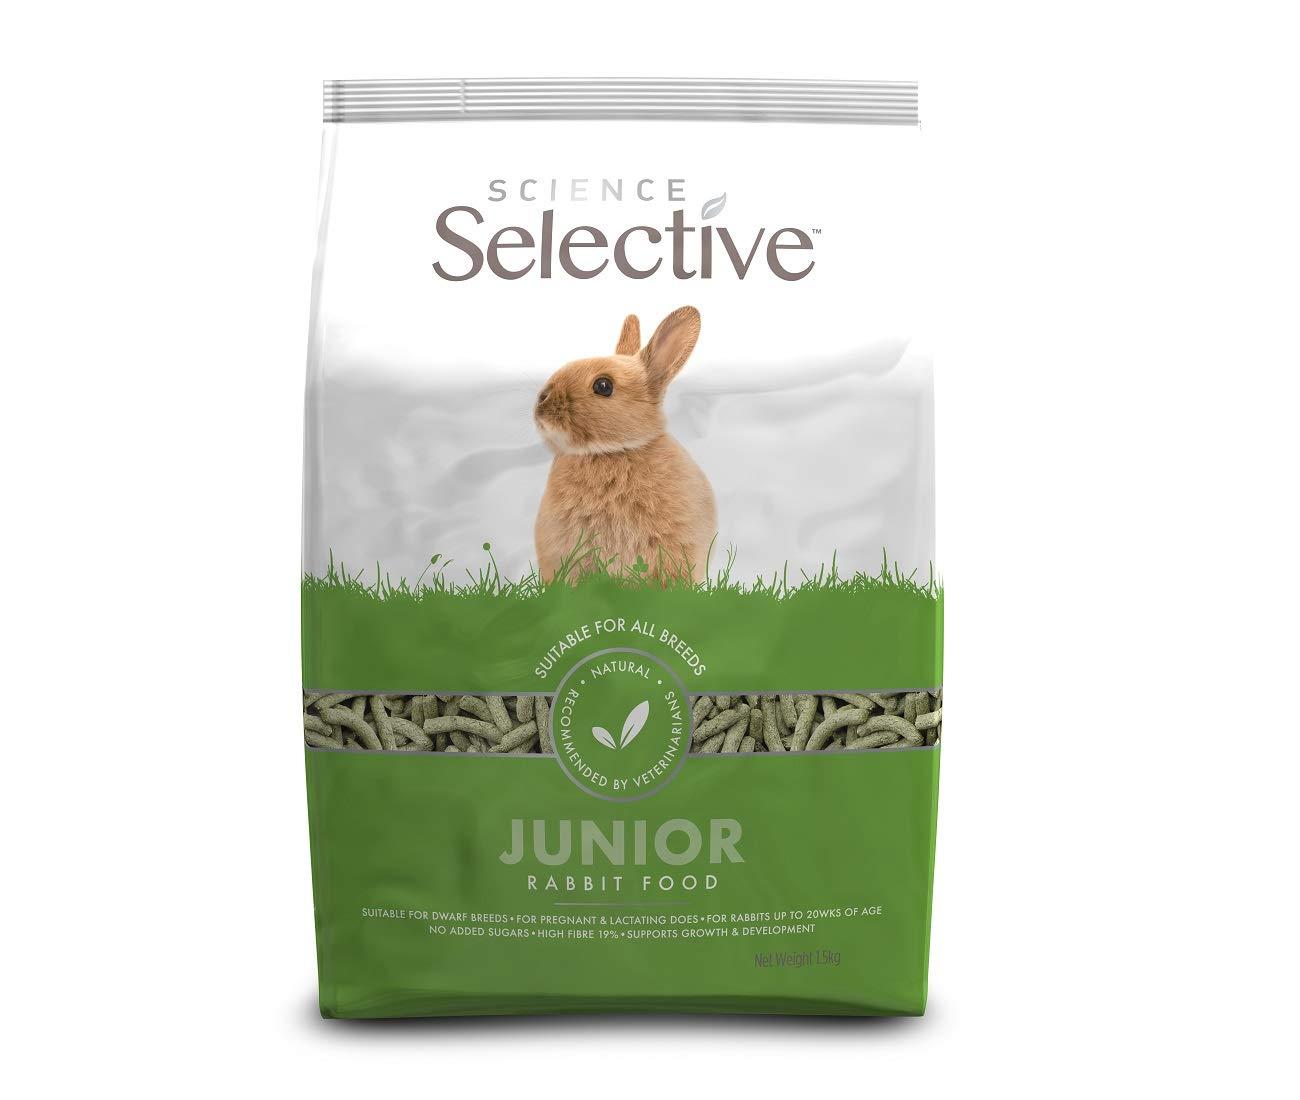 Supreme Science Selective Junior Rabbit Food 1.5kg £2.18 (+£4.49 Non Prime) @ Amazon